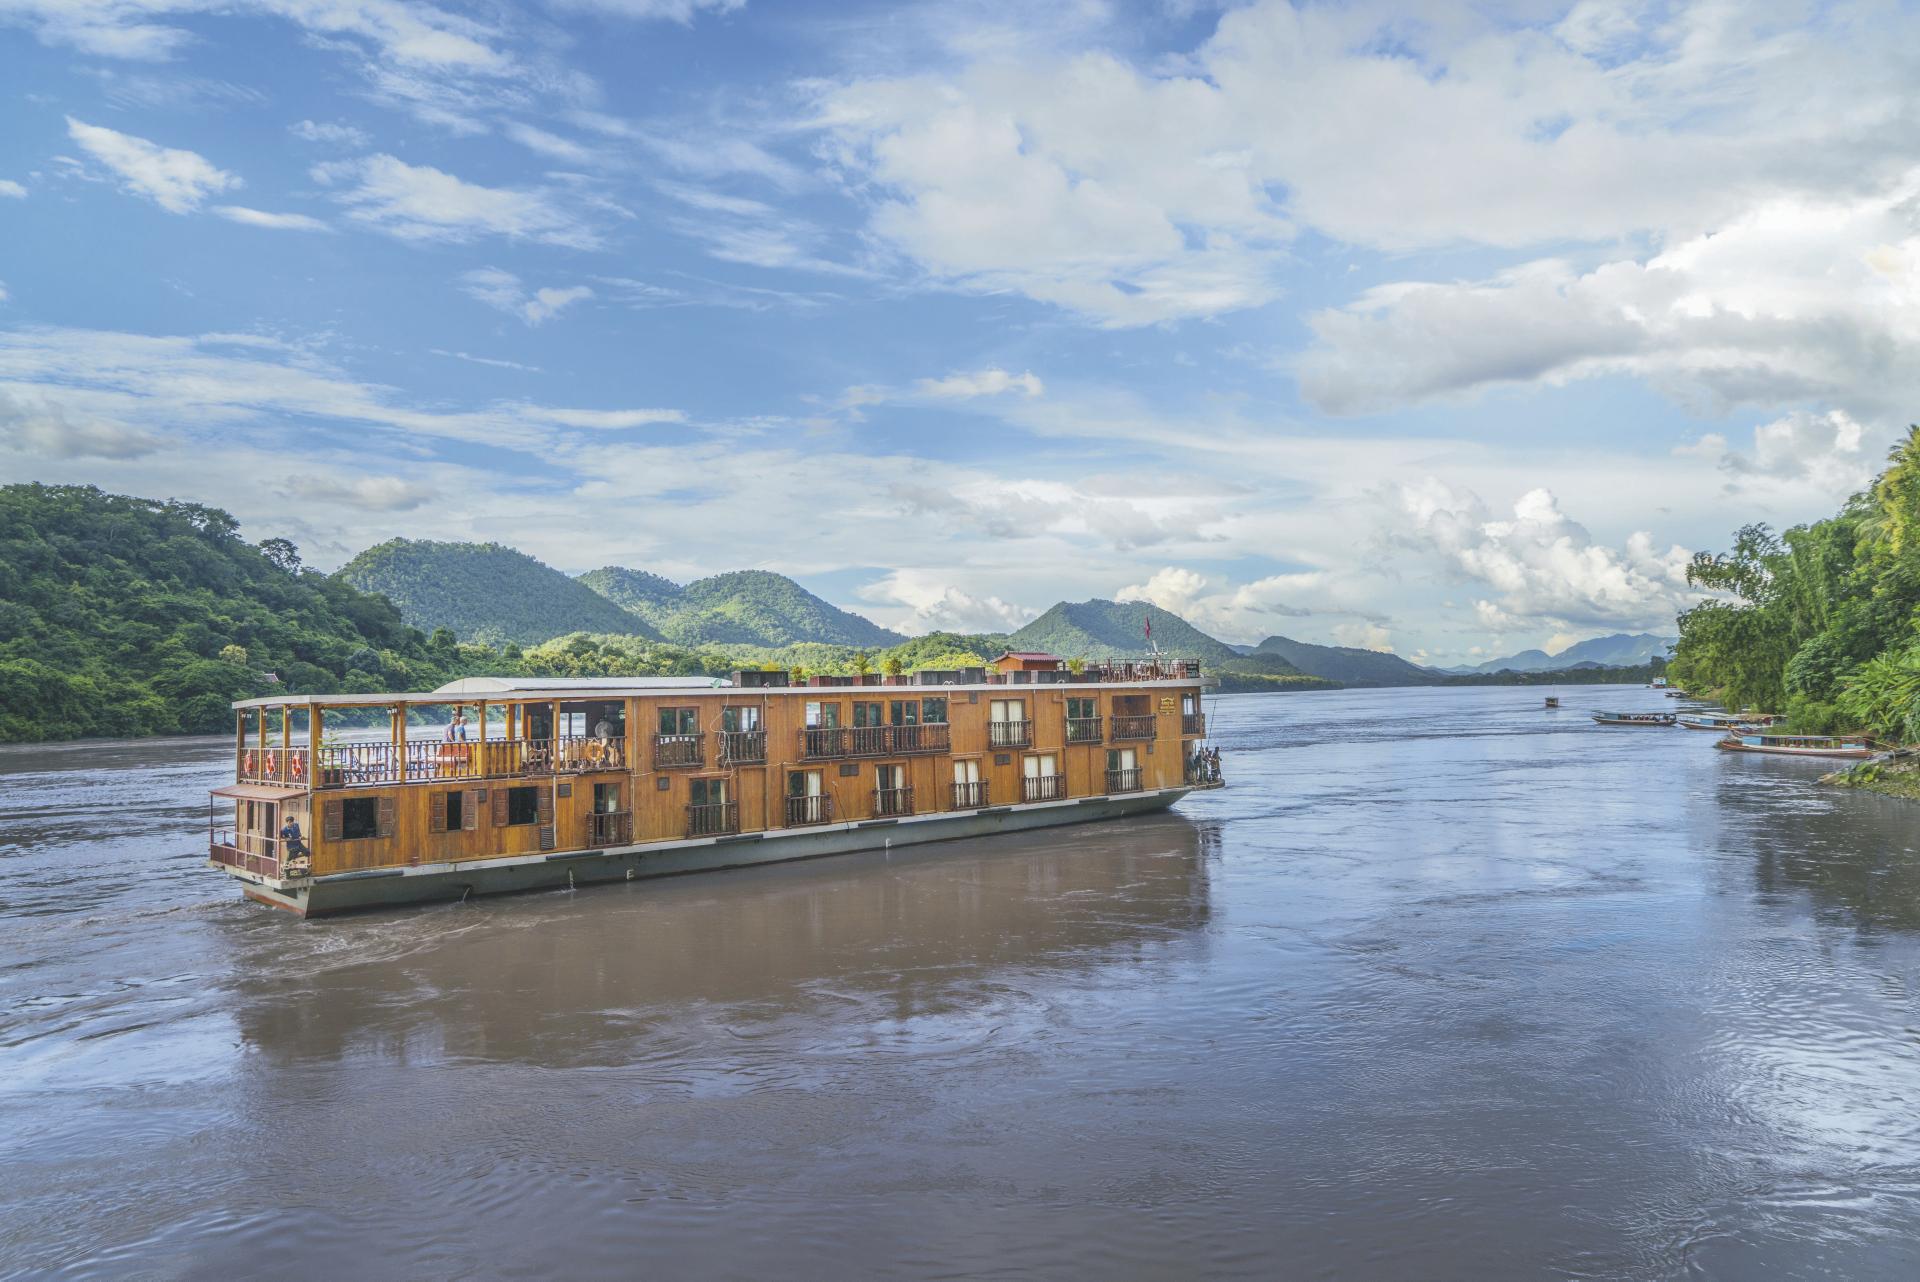 Mekong Pearl